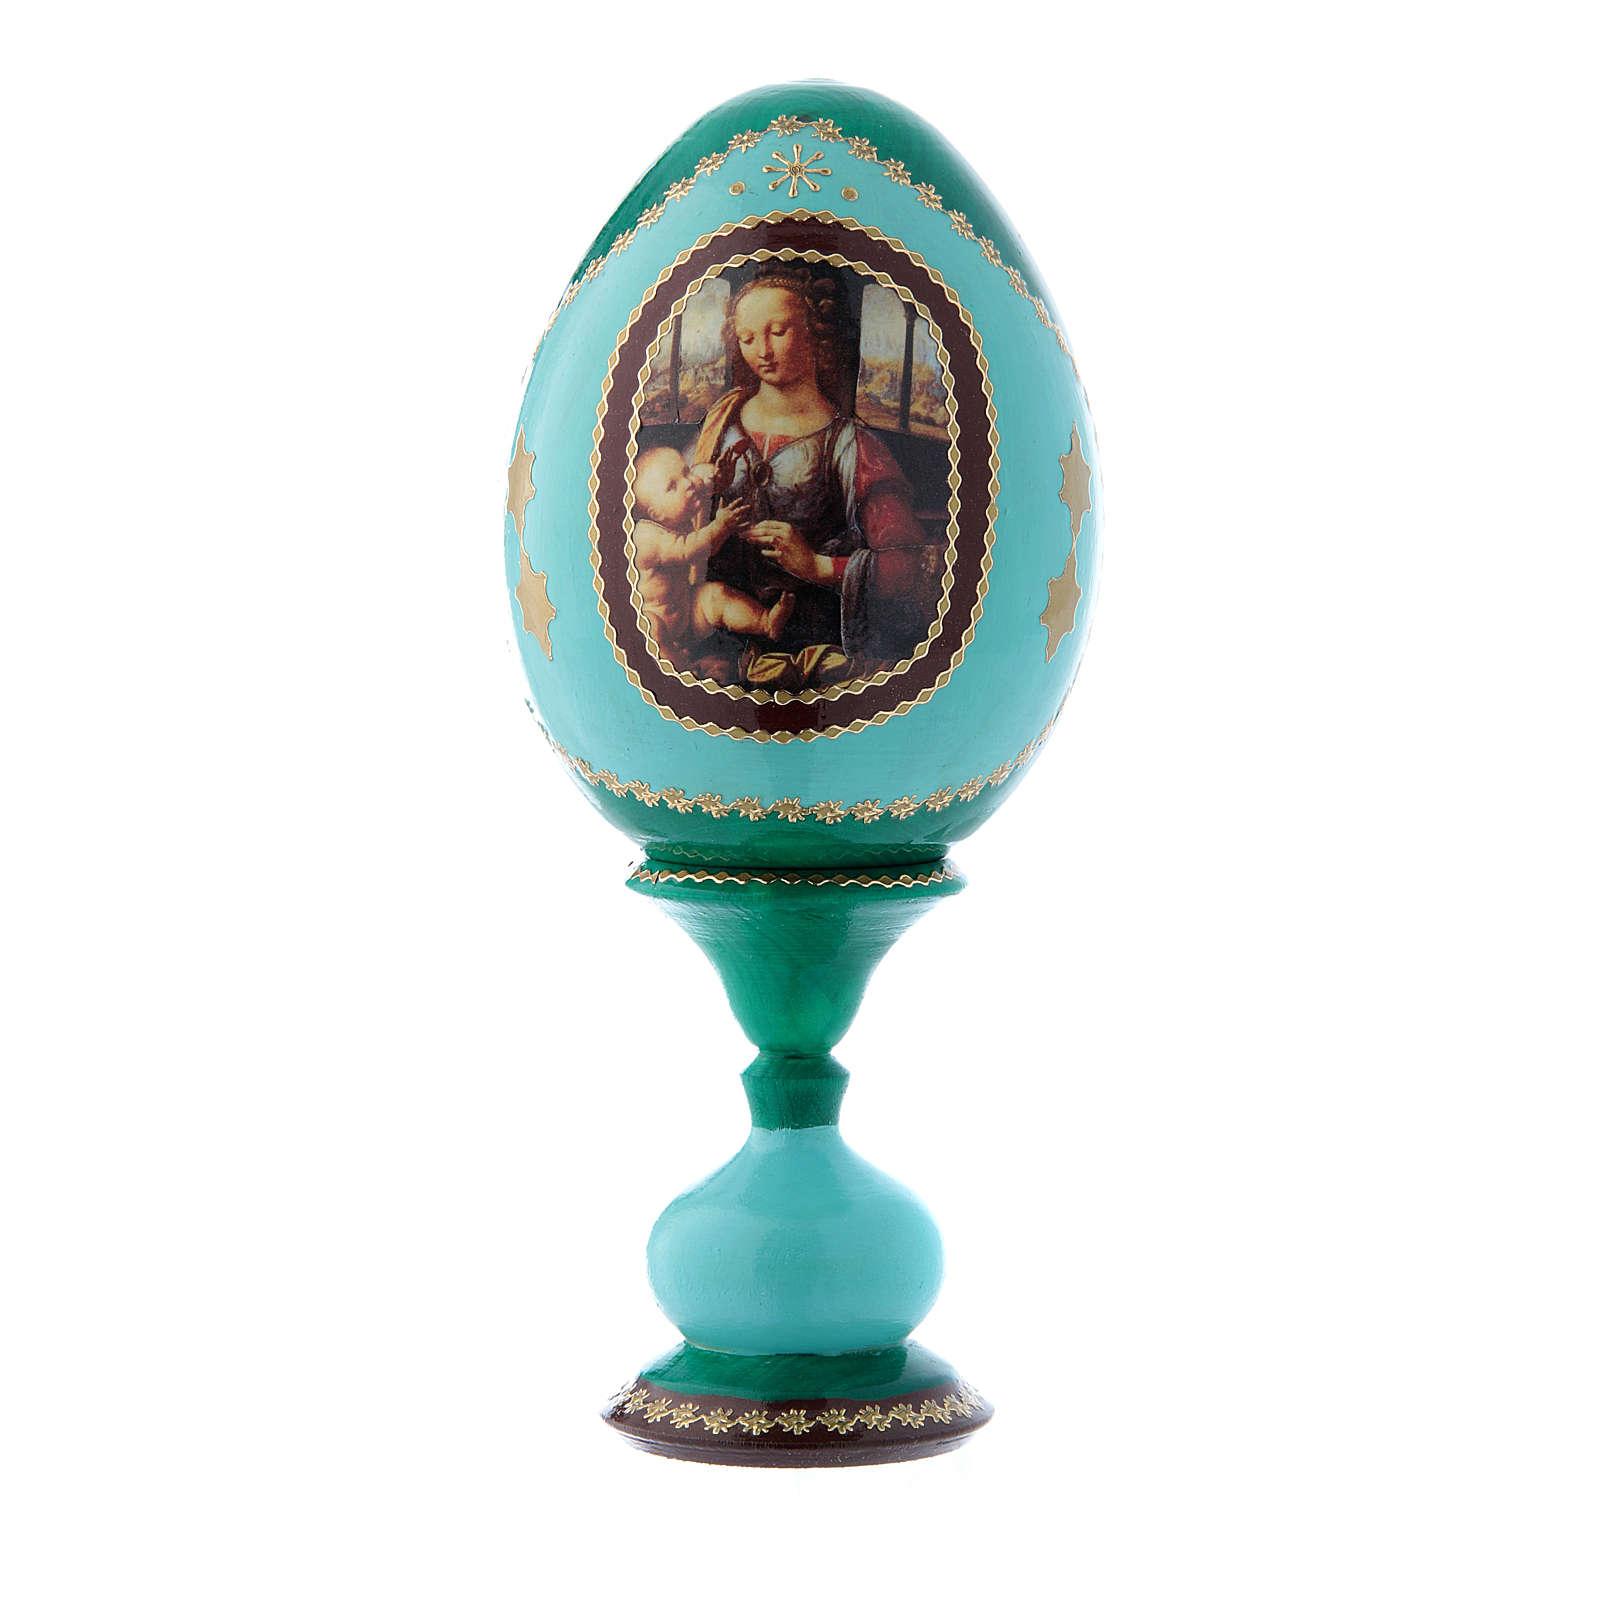 Oeuf russe La Madone à l'oeillet style Fabergé vert en bois h tot 16 cm 4